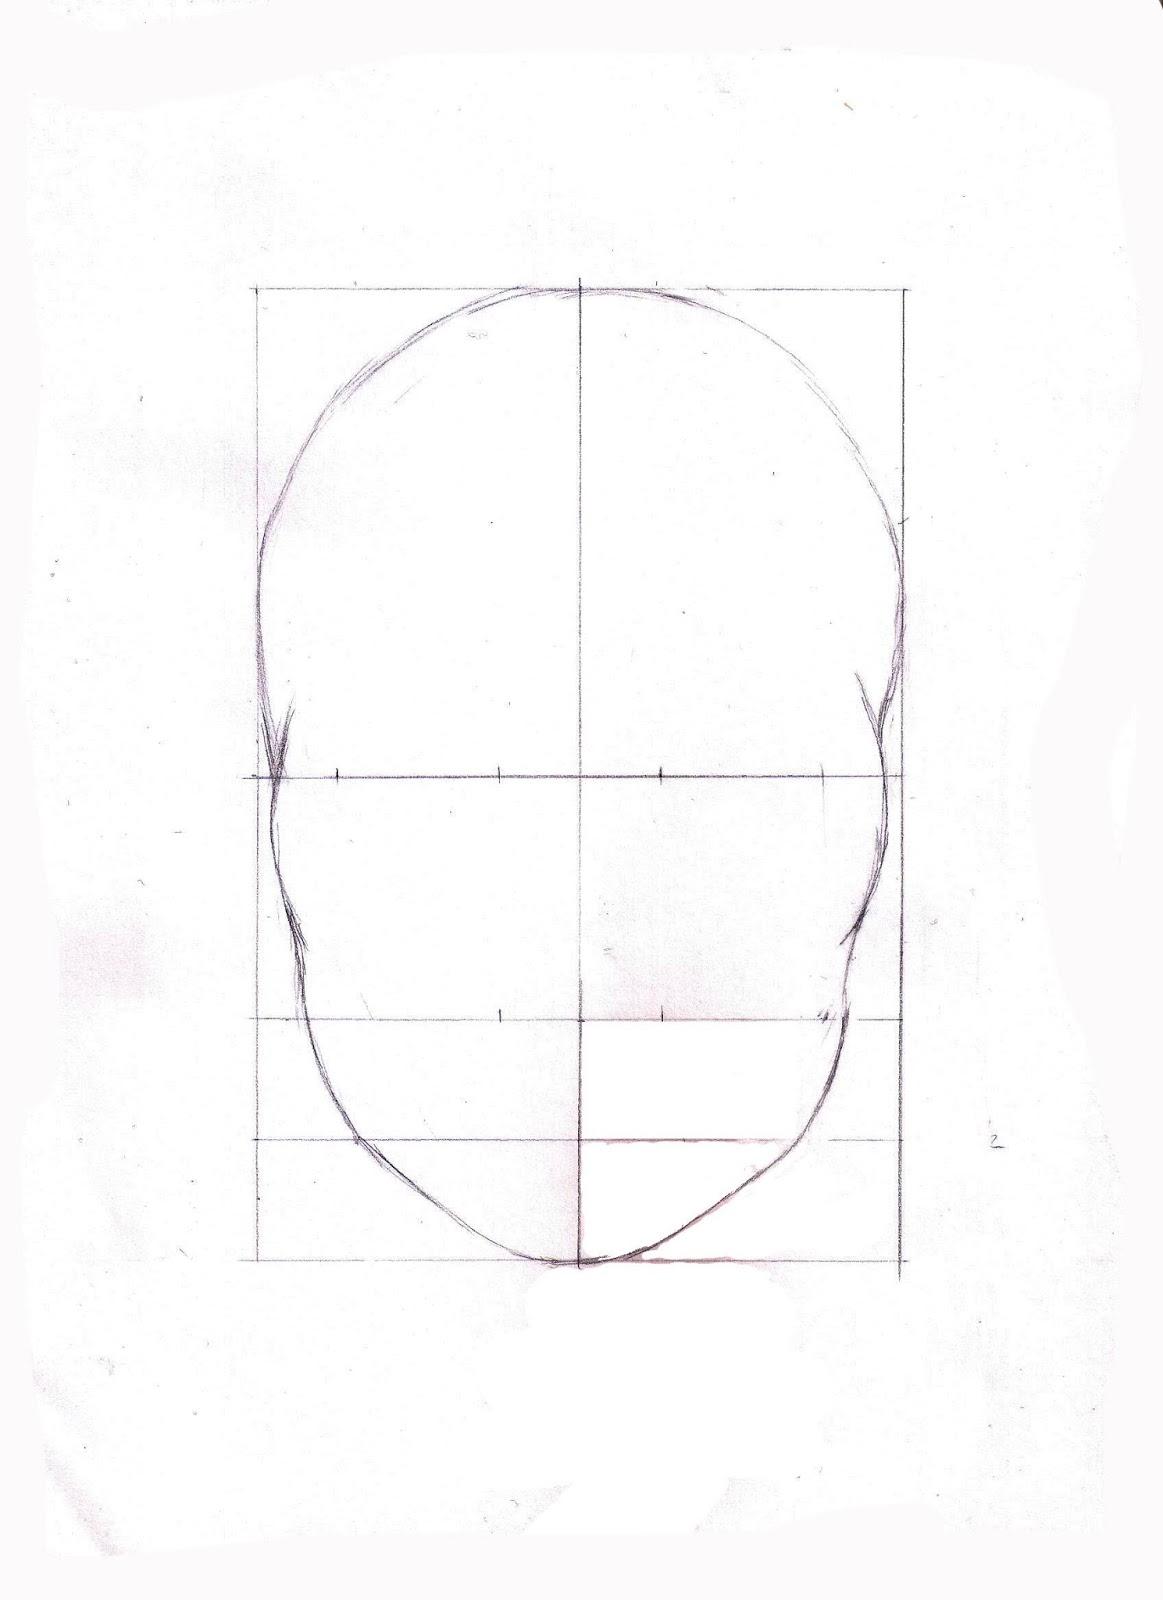 Gözlükleri kolayca ve hızlı bir şekilde nasıl çizebilirim